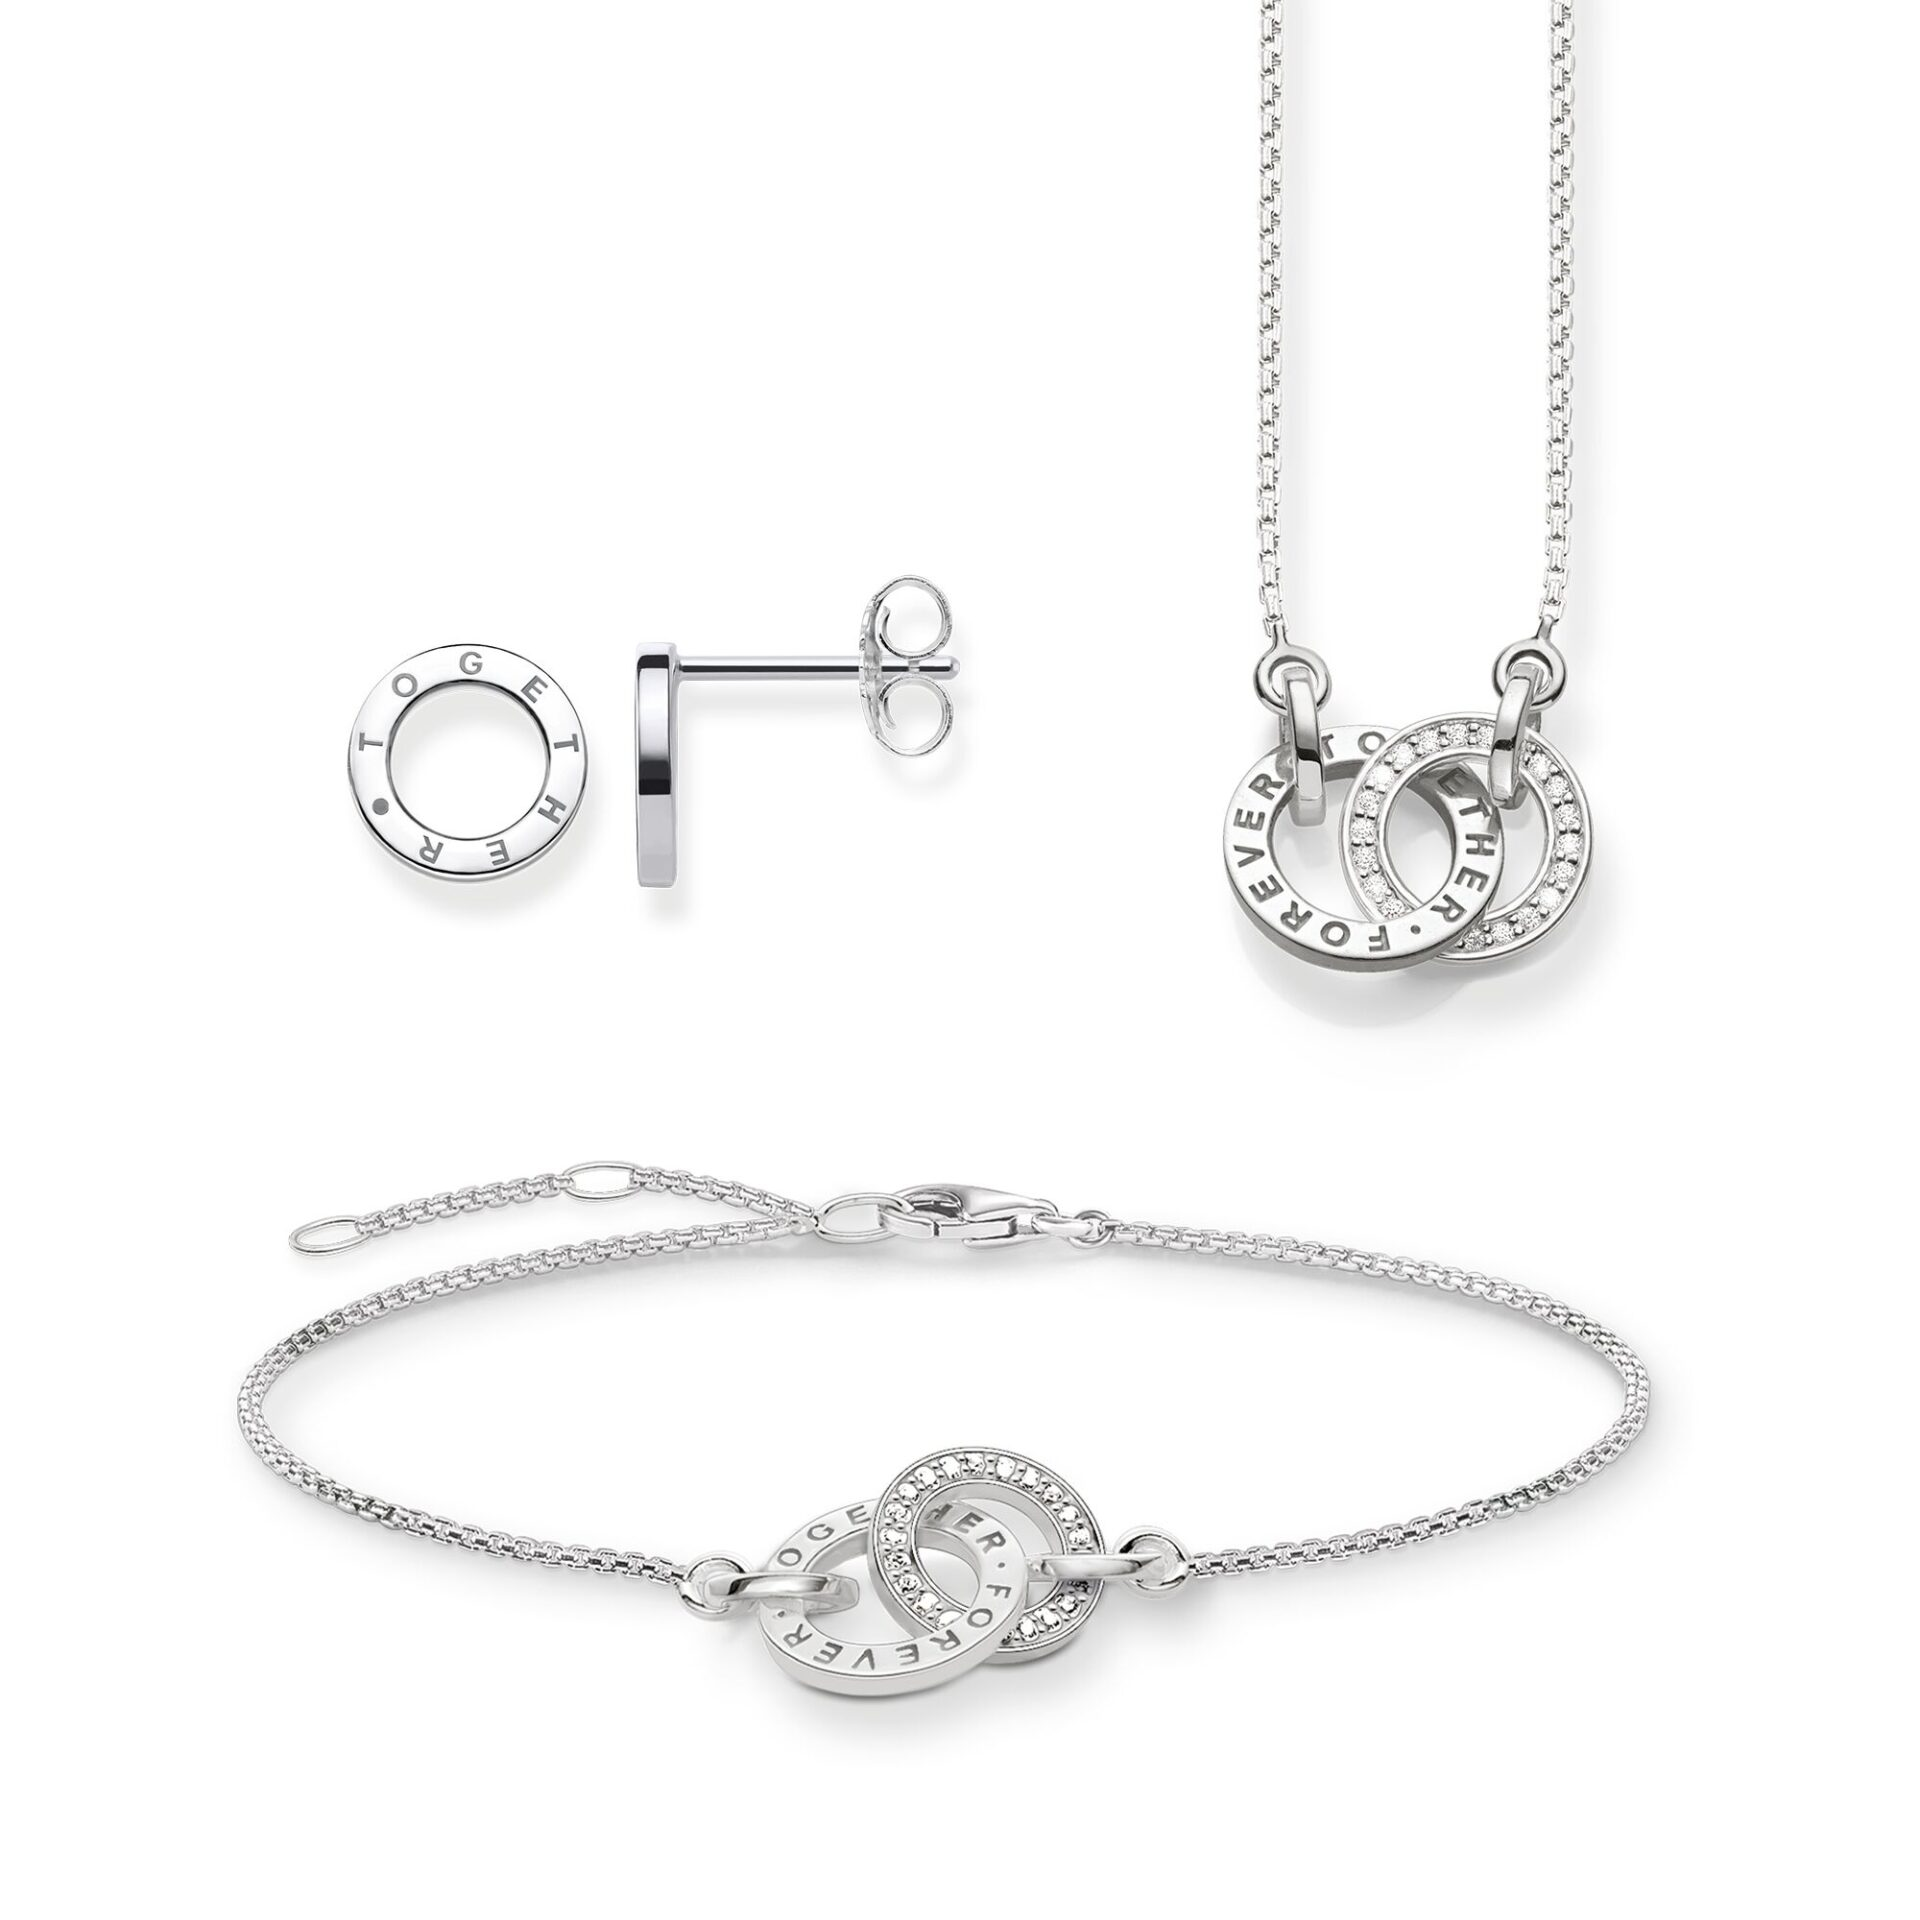 Bracelet Together Forever, Thomas Sabo